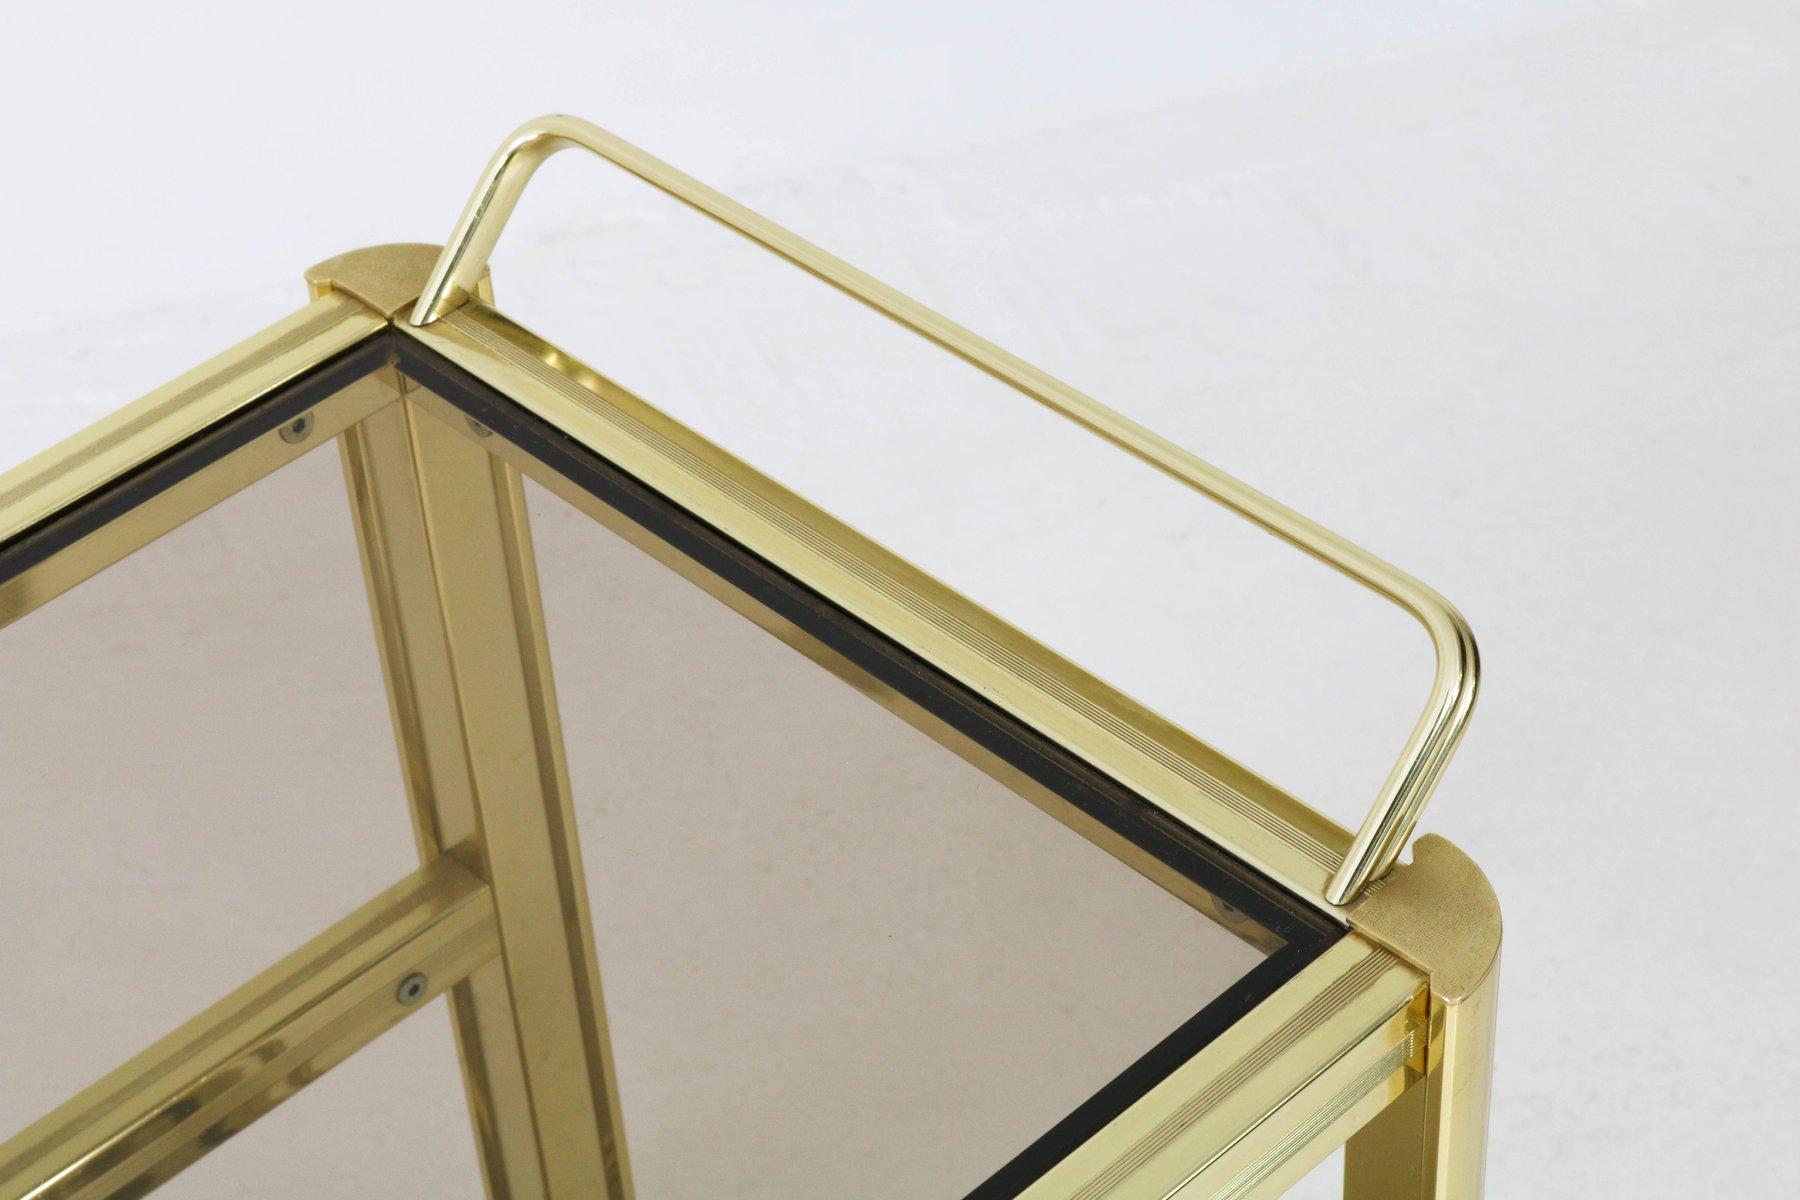 vergoldeter mid century modern metall servierwagen 1970er bei pamono kaufen. Black Bedroom Furniture Sets. Home Design Ideas